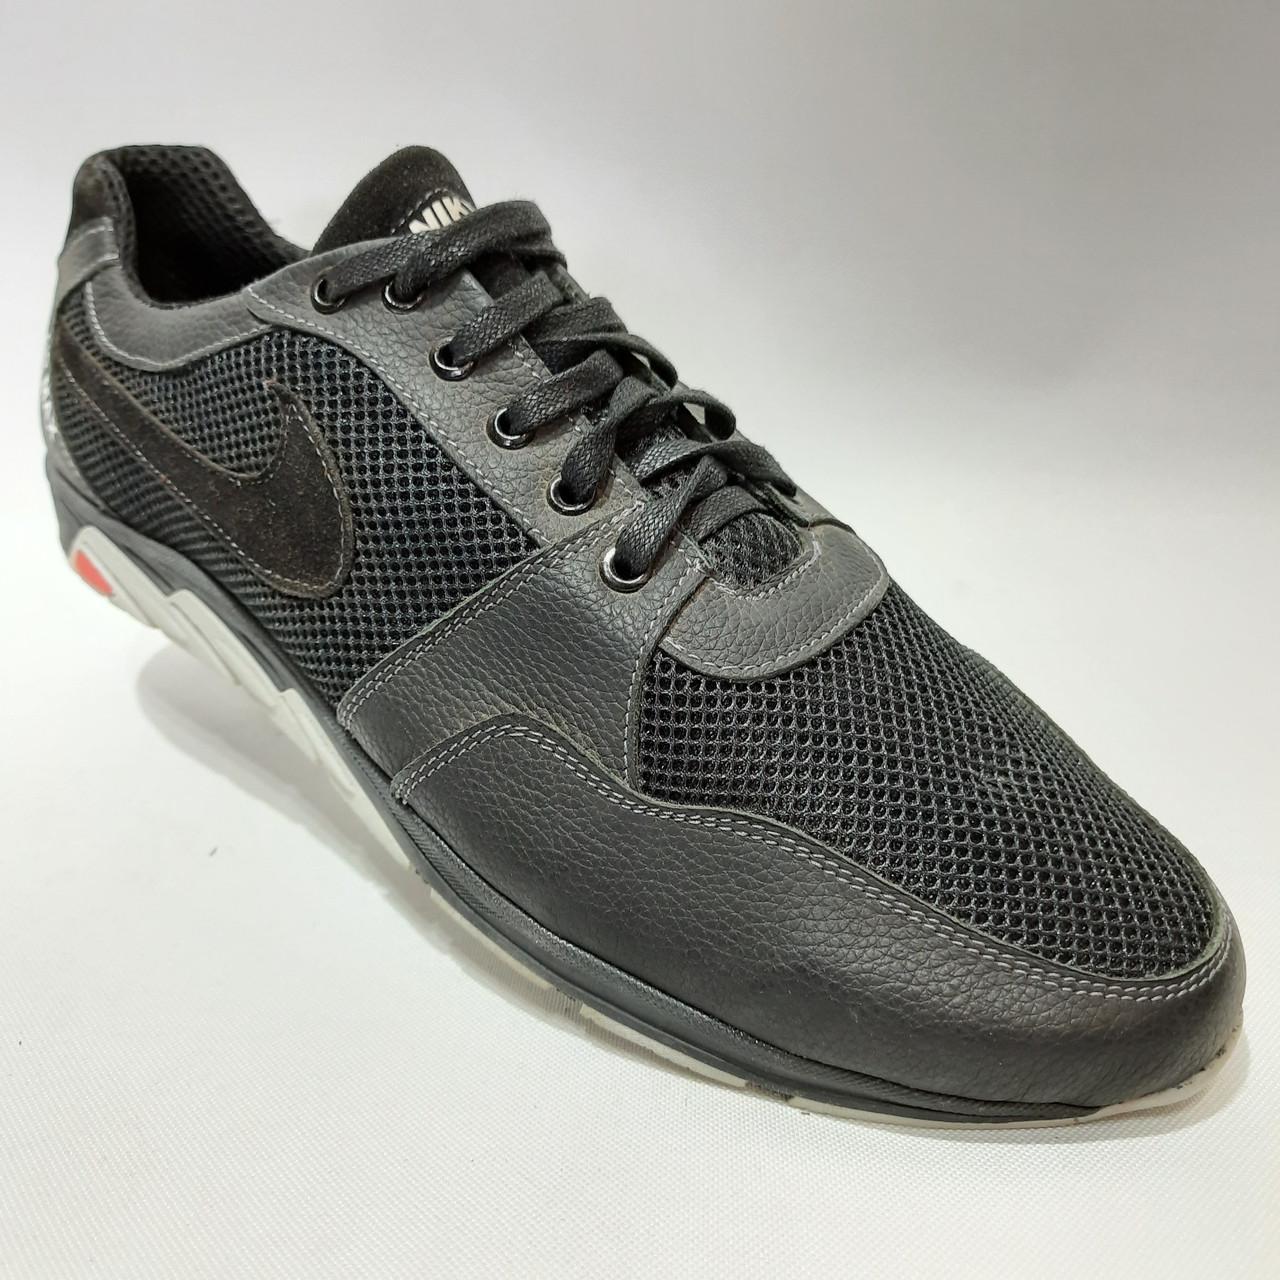 46,47 р. Летние кроссовки в стиле Nike (больших размеров) размеры Кожа / сетка черные